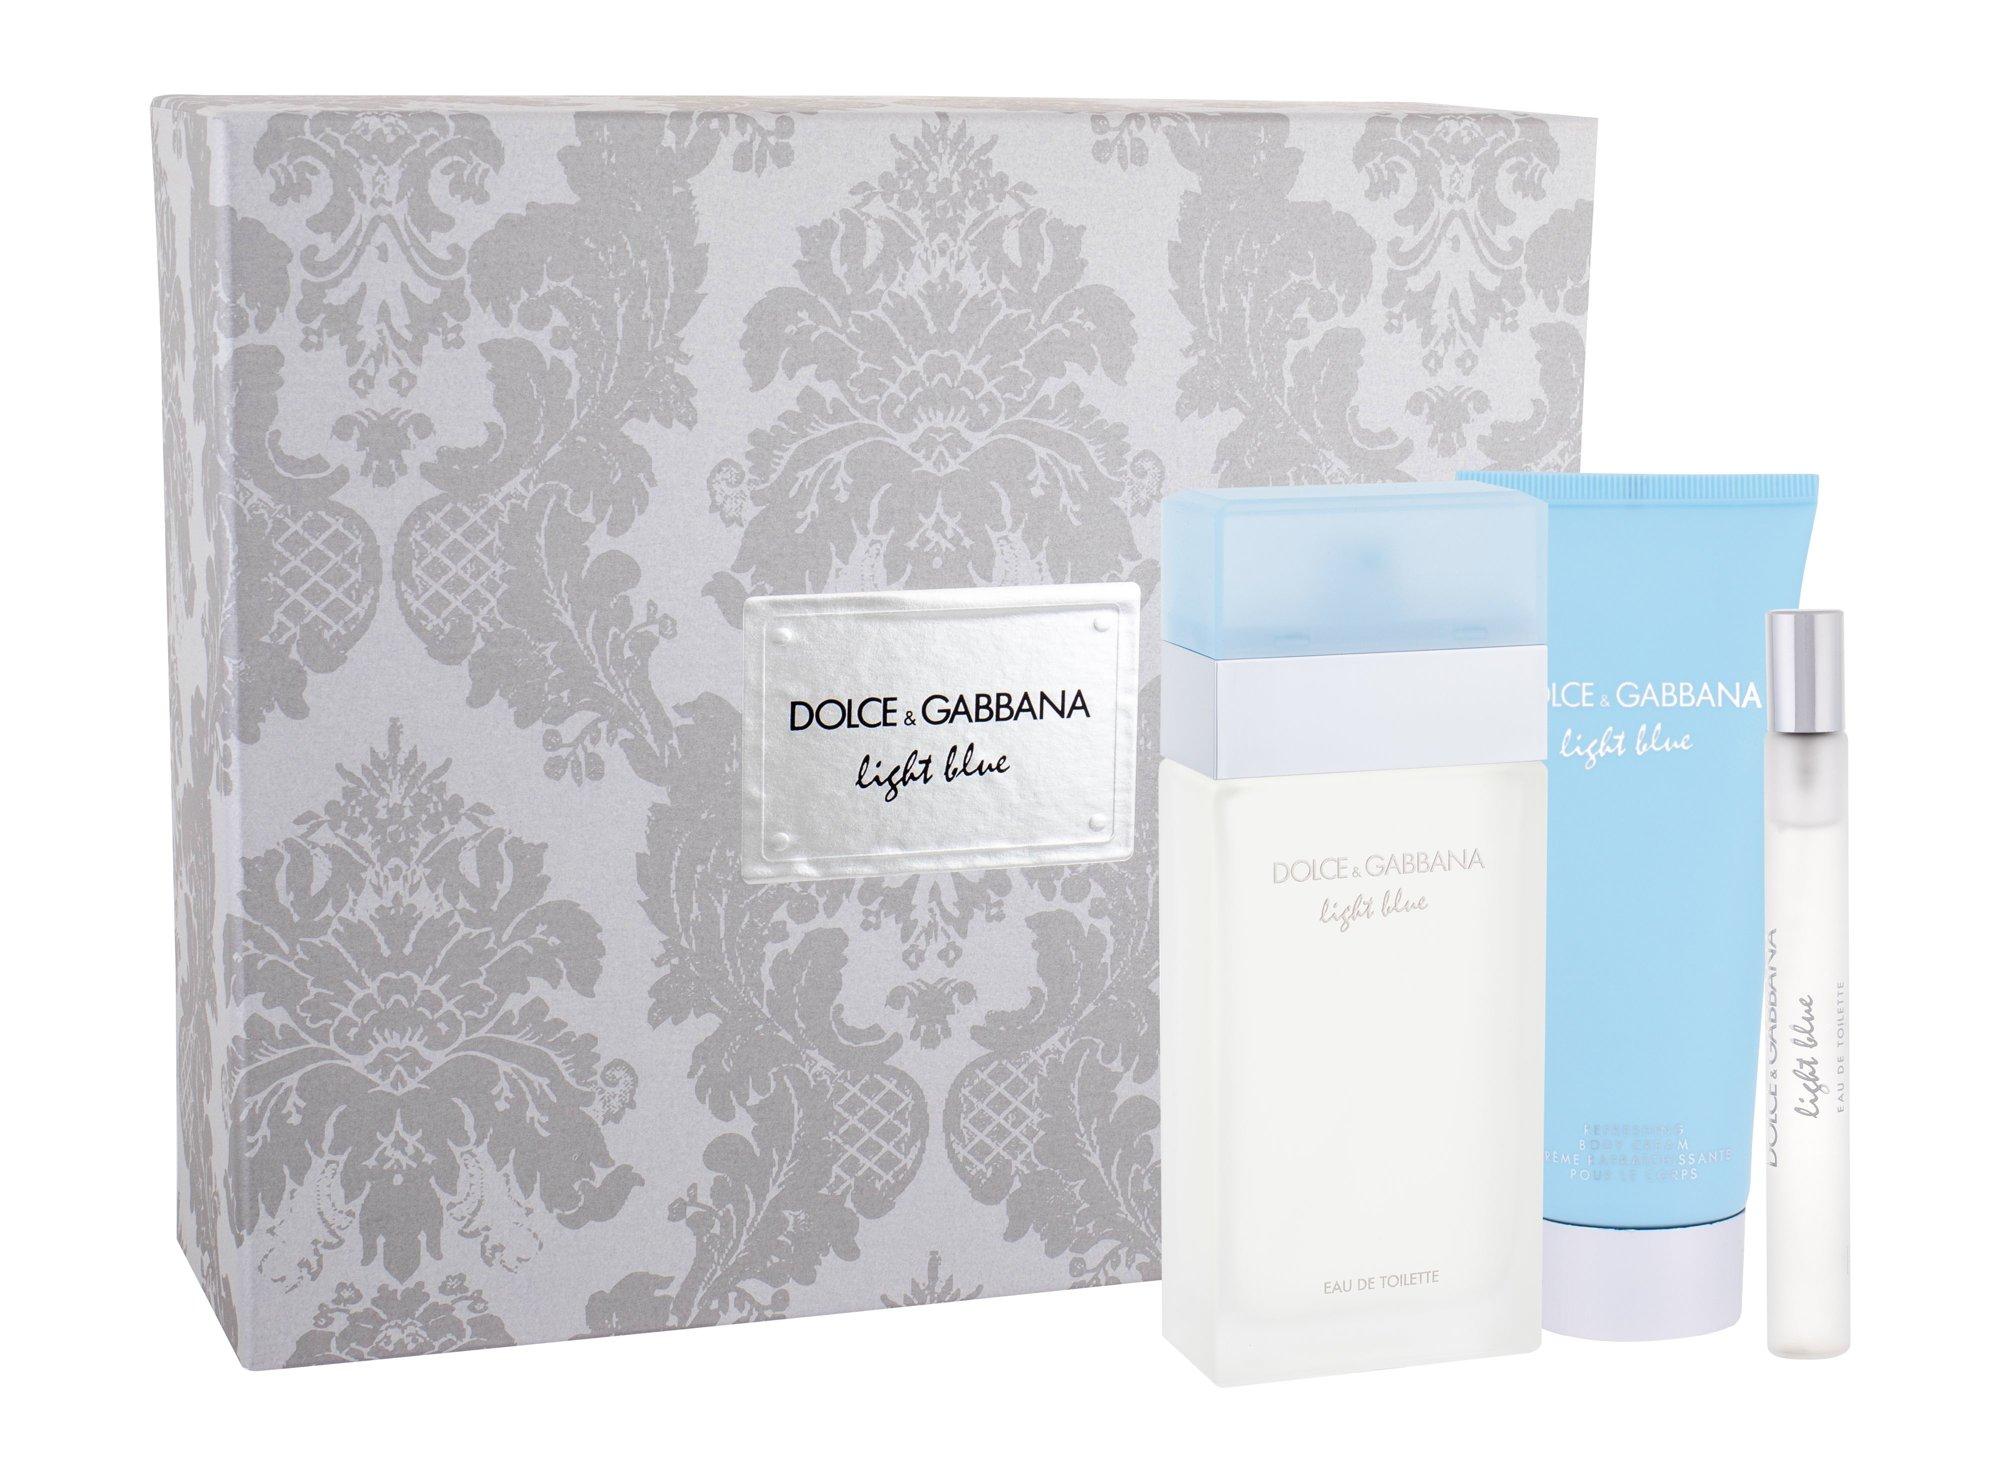 Dolce&Gabbana Light Blue W EDT 100 toaletní voda 100 ml + tělový krém 100 ml + toaletní voda 10